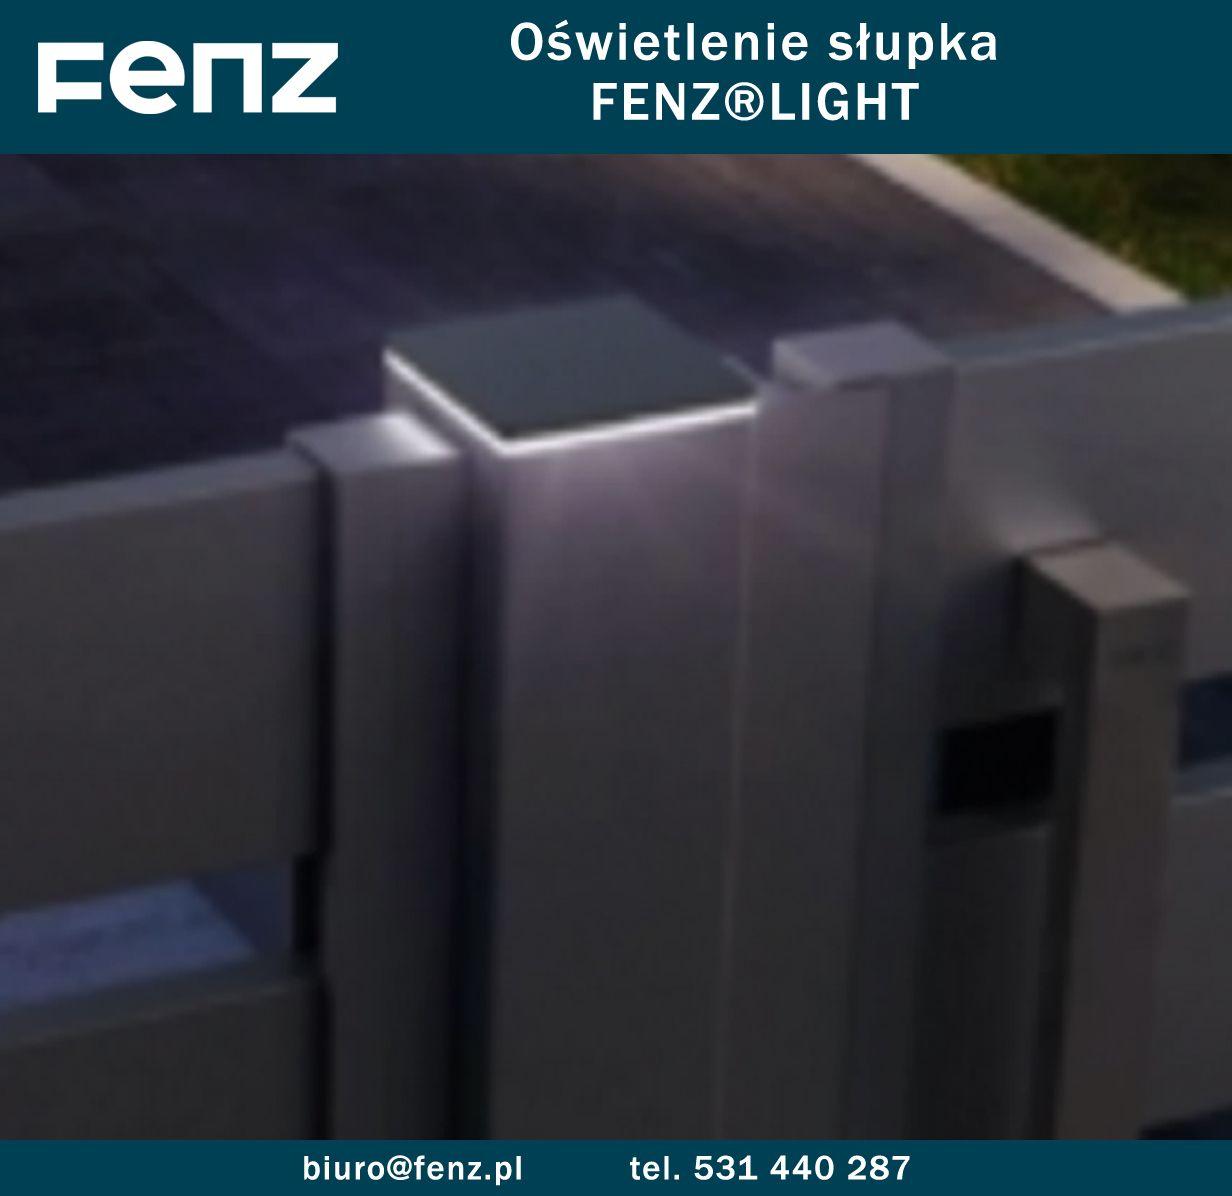 Oświetlenie Słupka To Element Ogrodzeń Marki Fenz Fenz